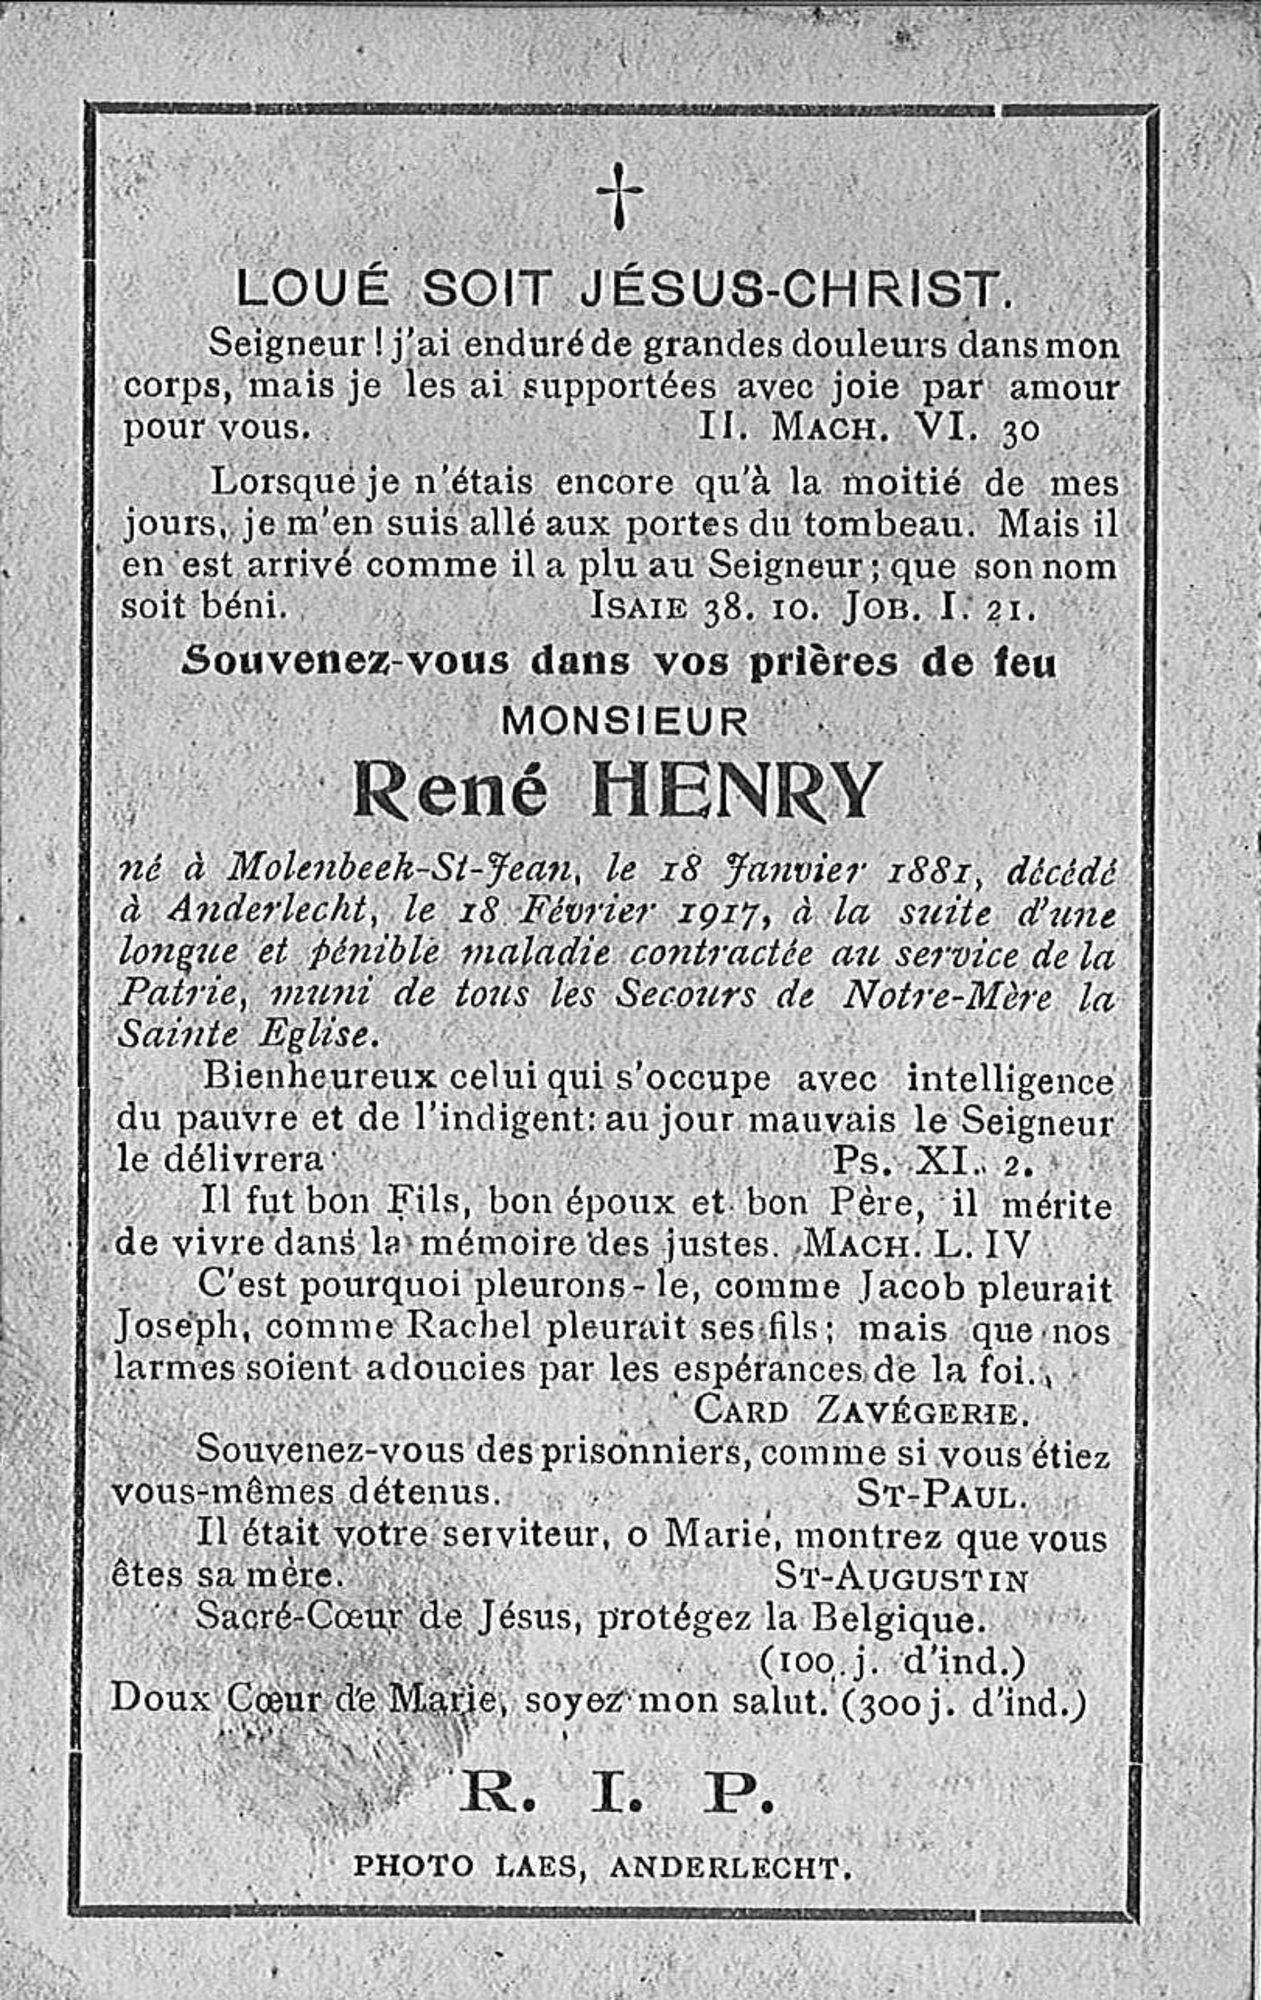 René Henry